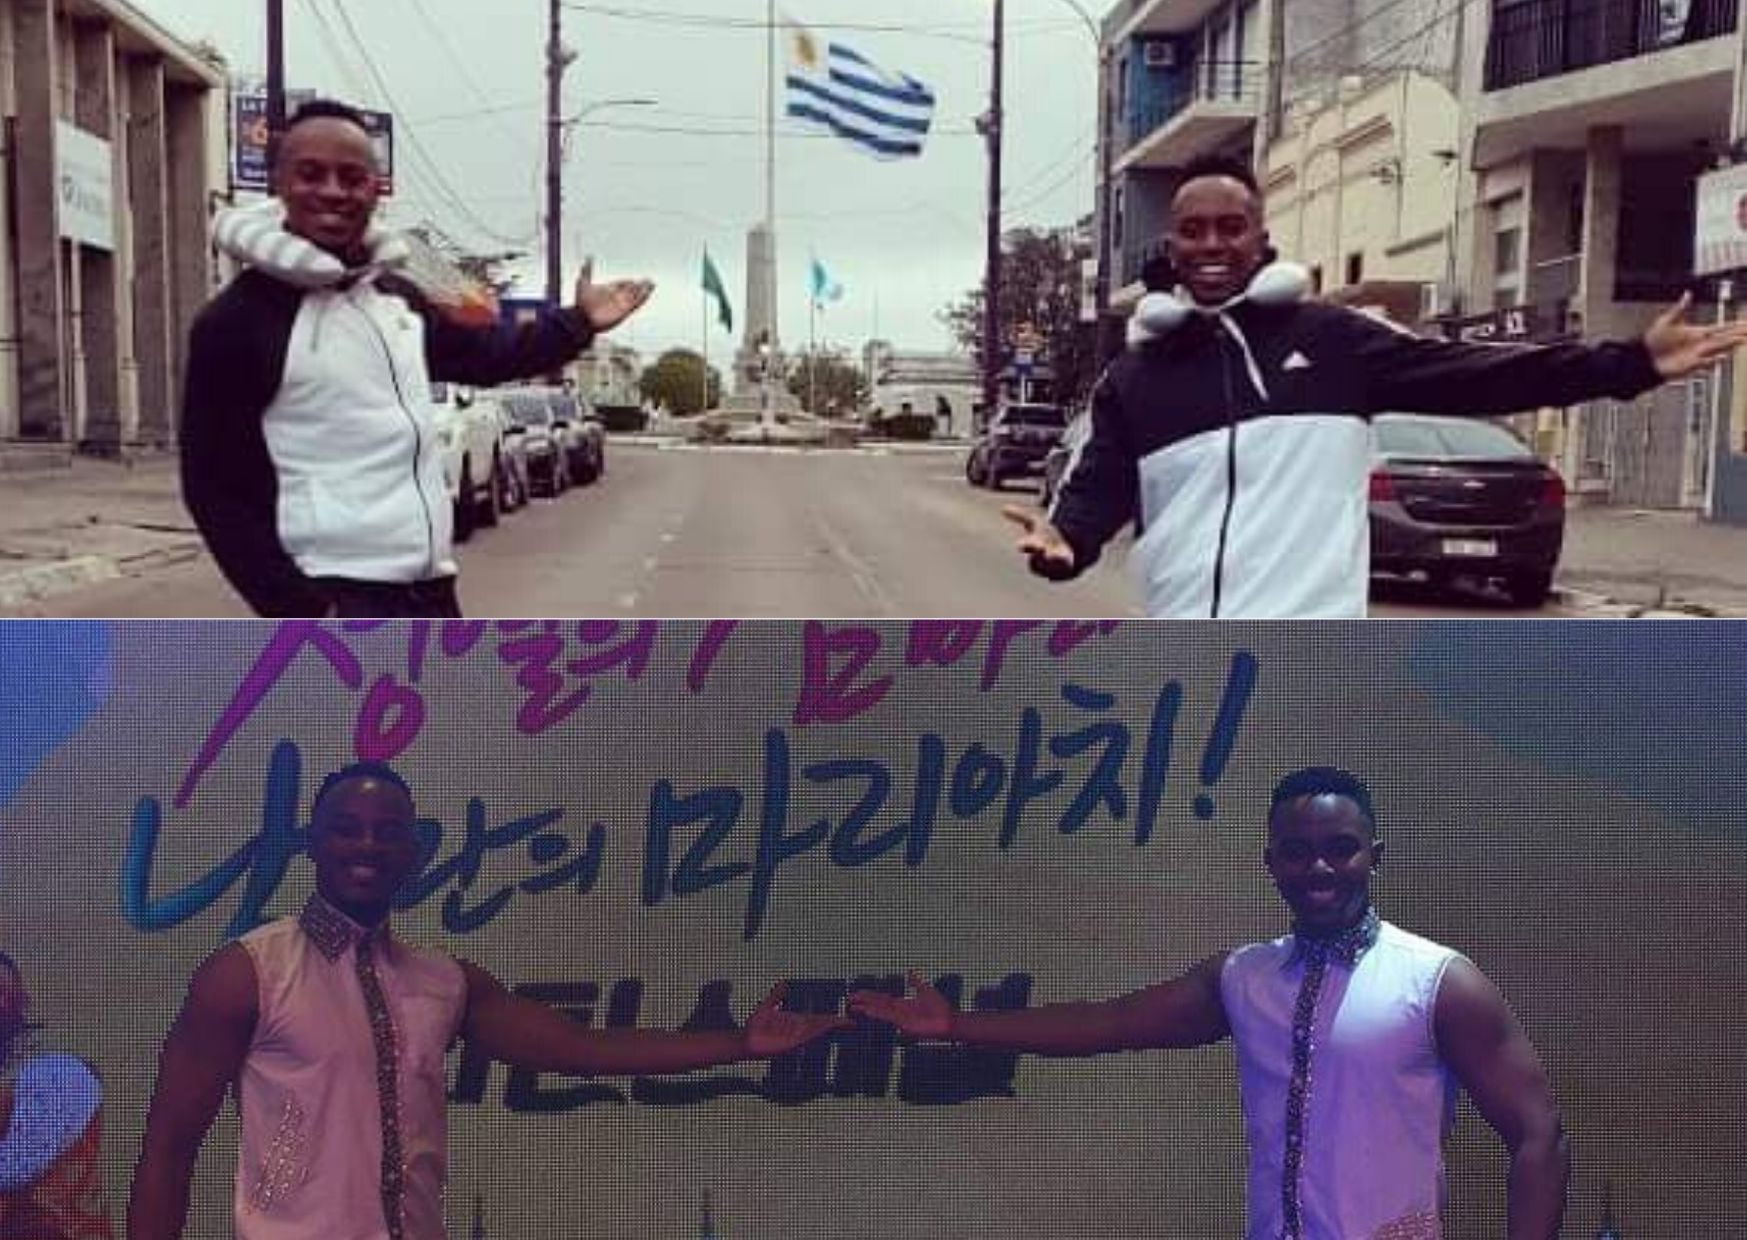 Irmãos viajam o mundo levando o Método MP de samba no pé